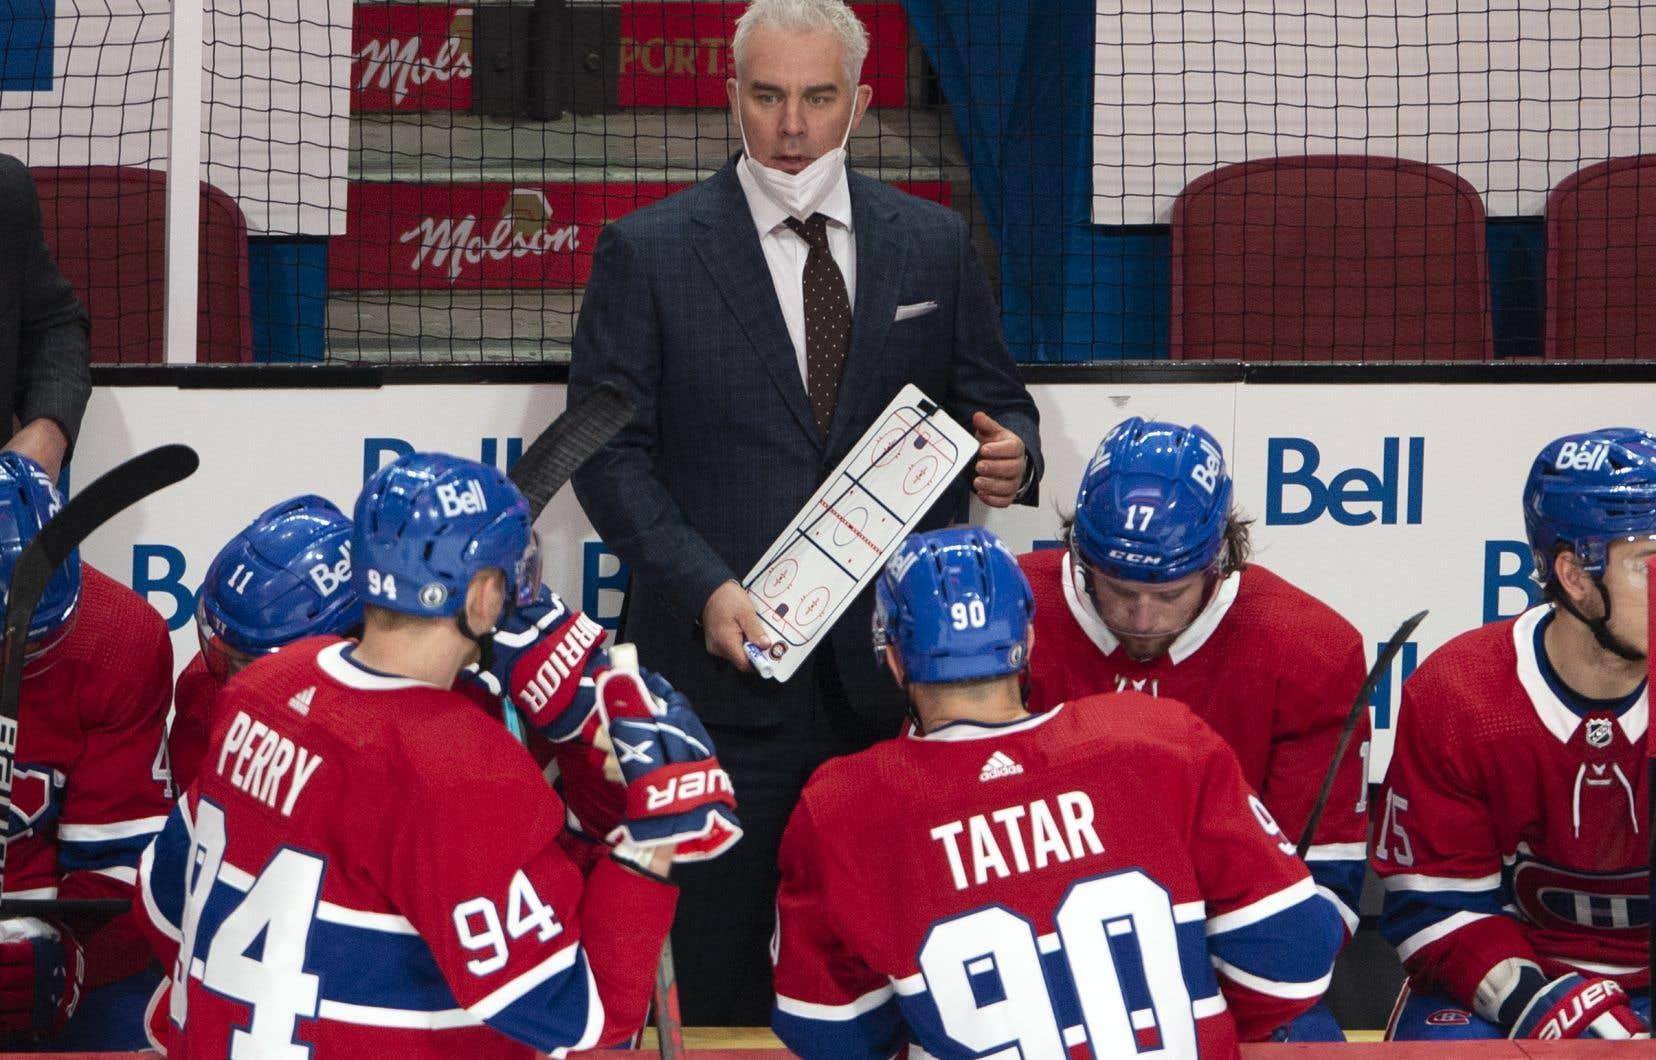 L'entraîneur québécois est en confinement depuis le 18juin en raison d'un contrôle positif à la COVID-19.